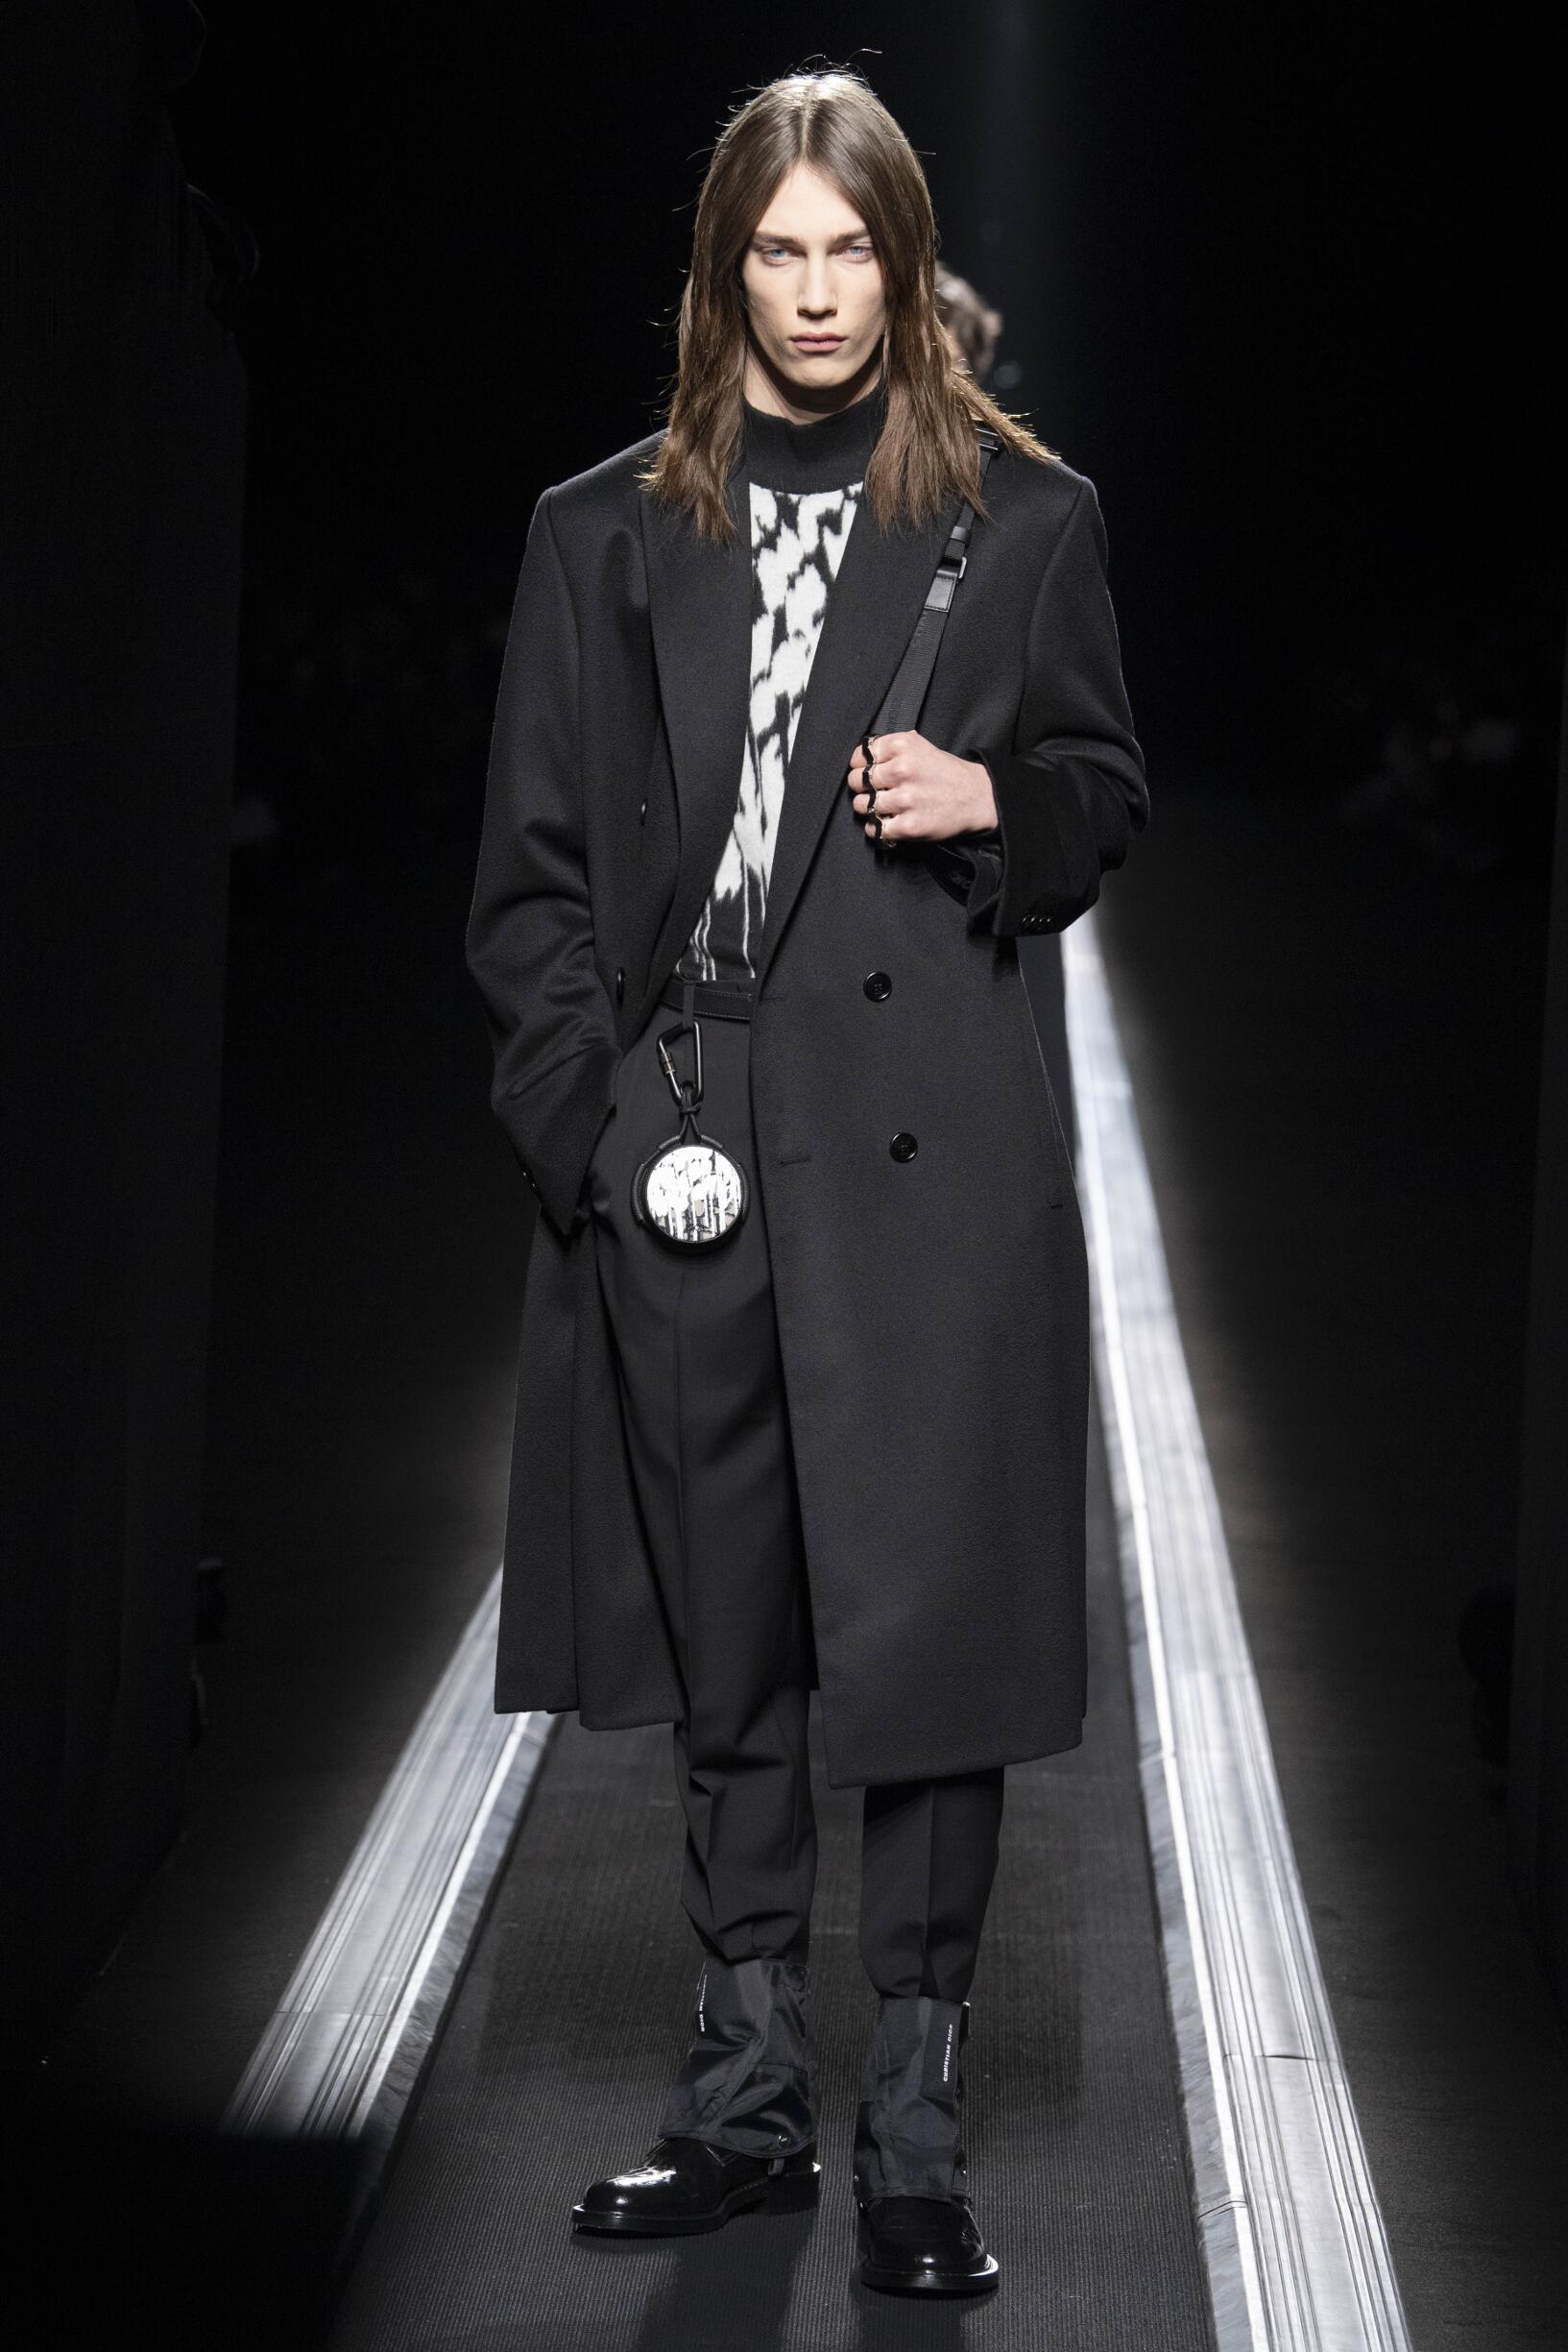 Dior FW 2019 Menswear